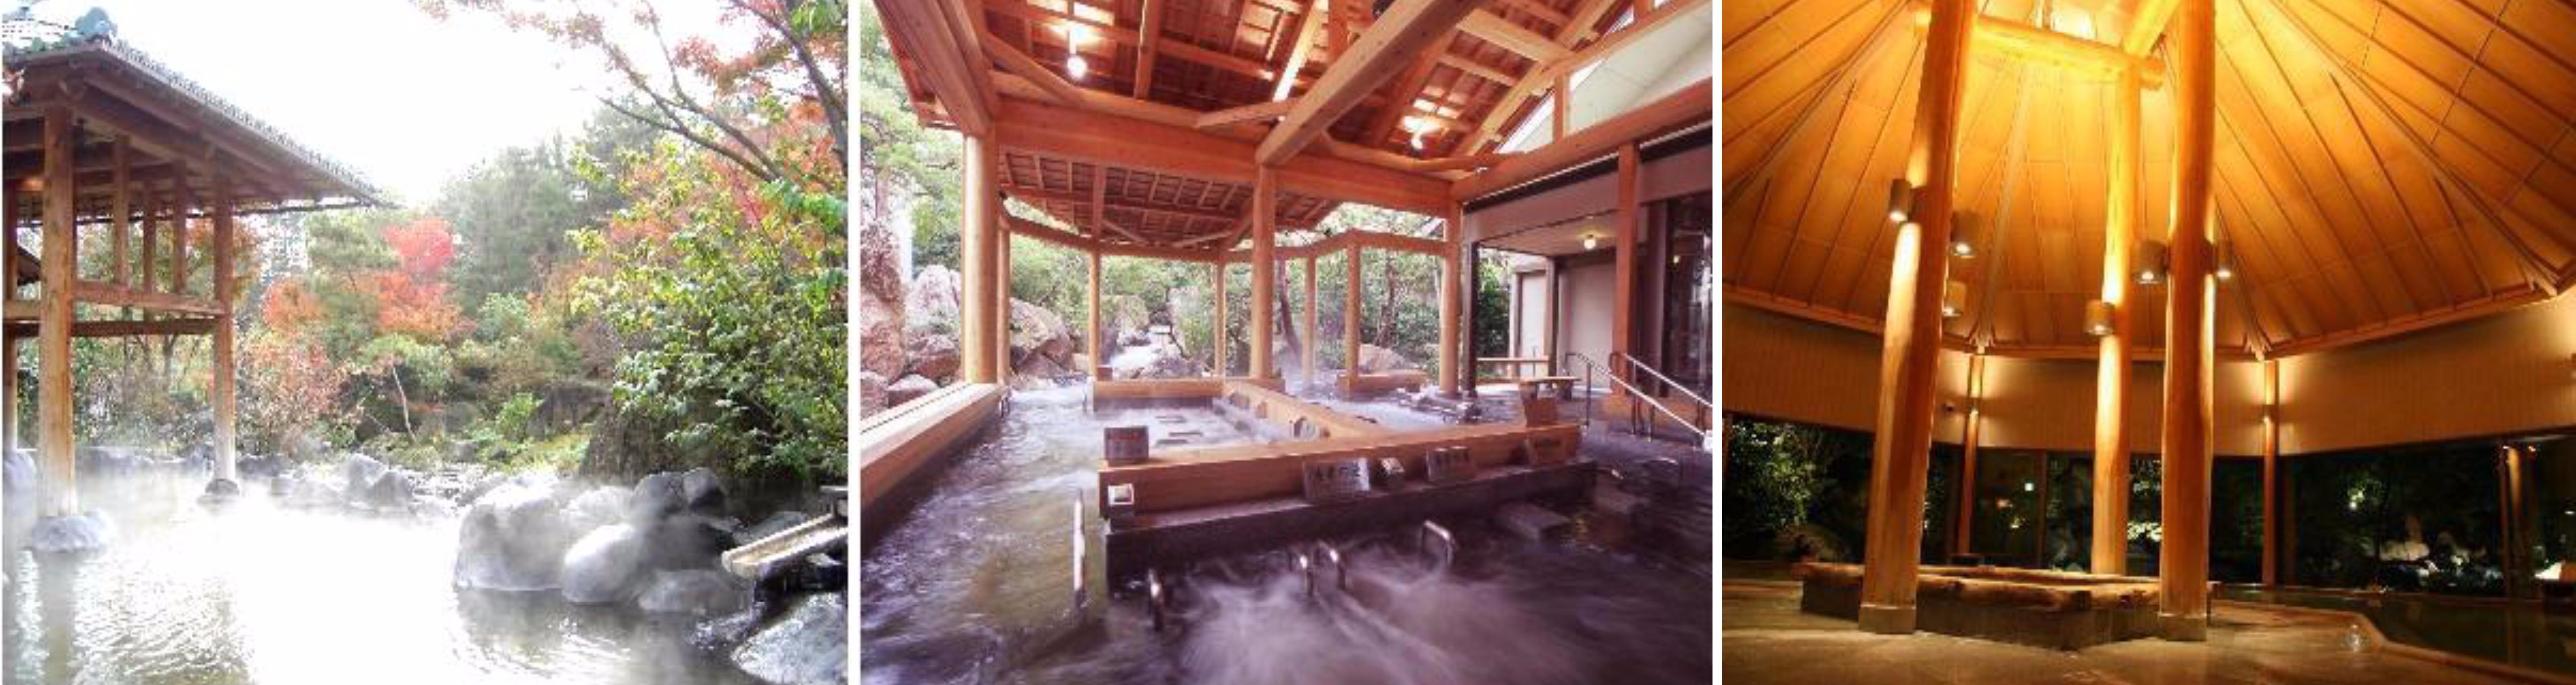 นาโกย่า – อุทยานแห่งชาติโกไซโช – นั่งกระเช้าขึ้นสู่ยอดเขาโกไซโช –  สวนนาบานะโนะซาโตะ – Winter Illumination Show - 2